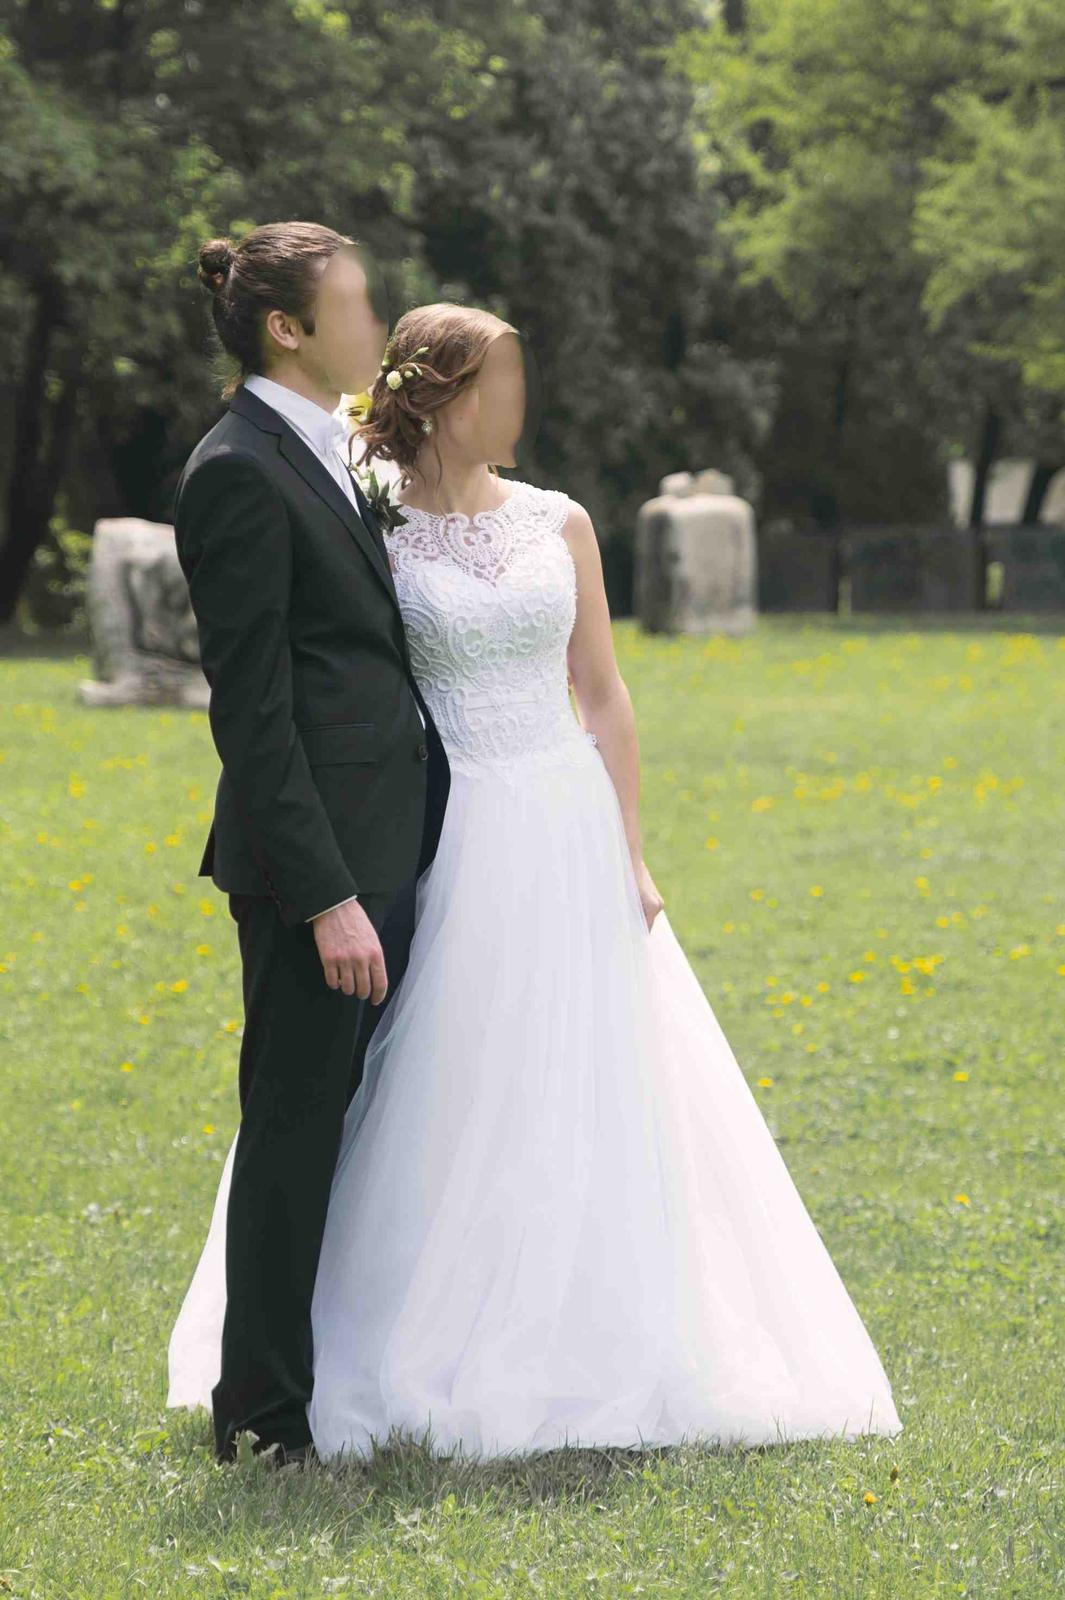 Svadobné šaty 36-38 - Obrázok č. 2